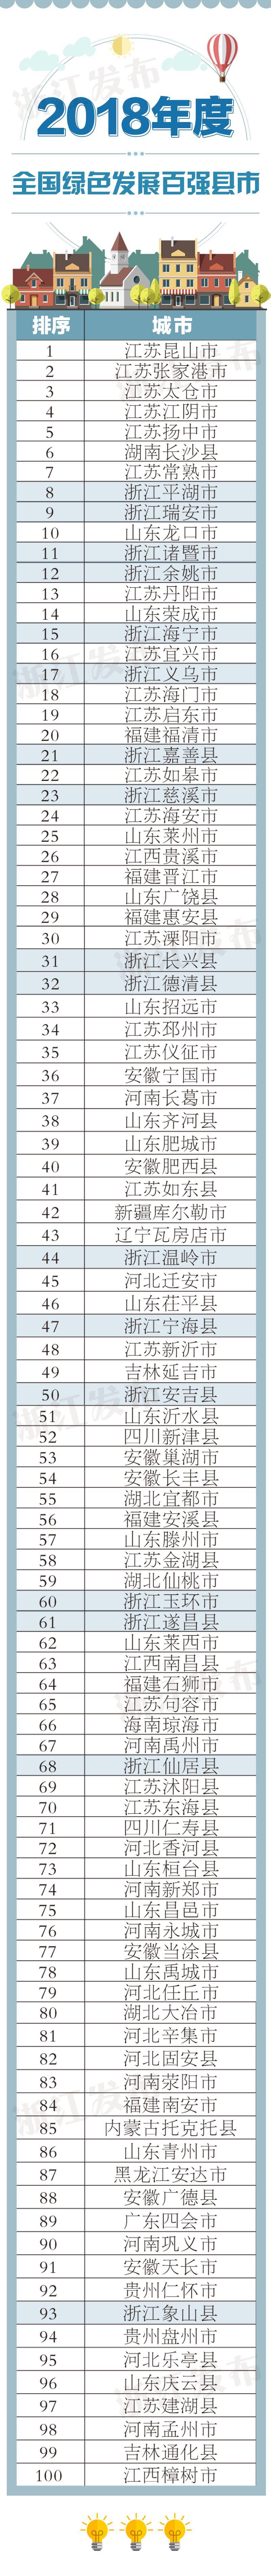 2018全国绿色发展百强县市